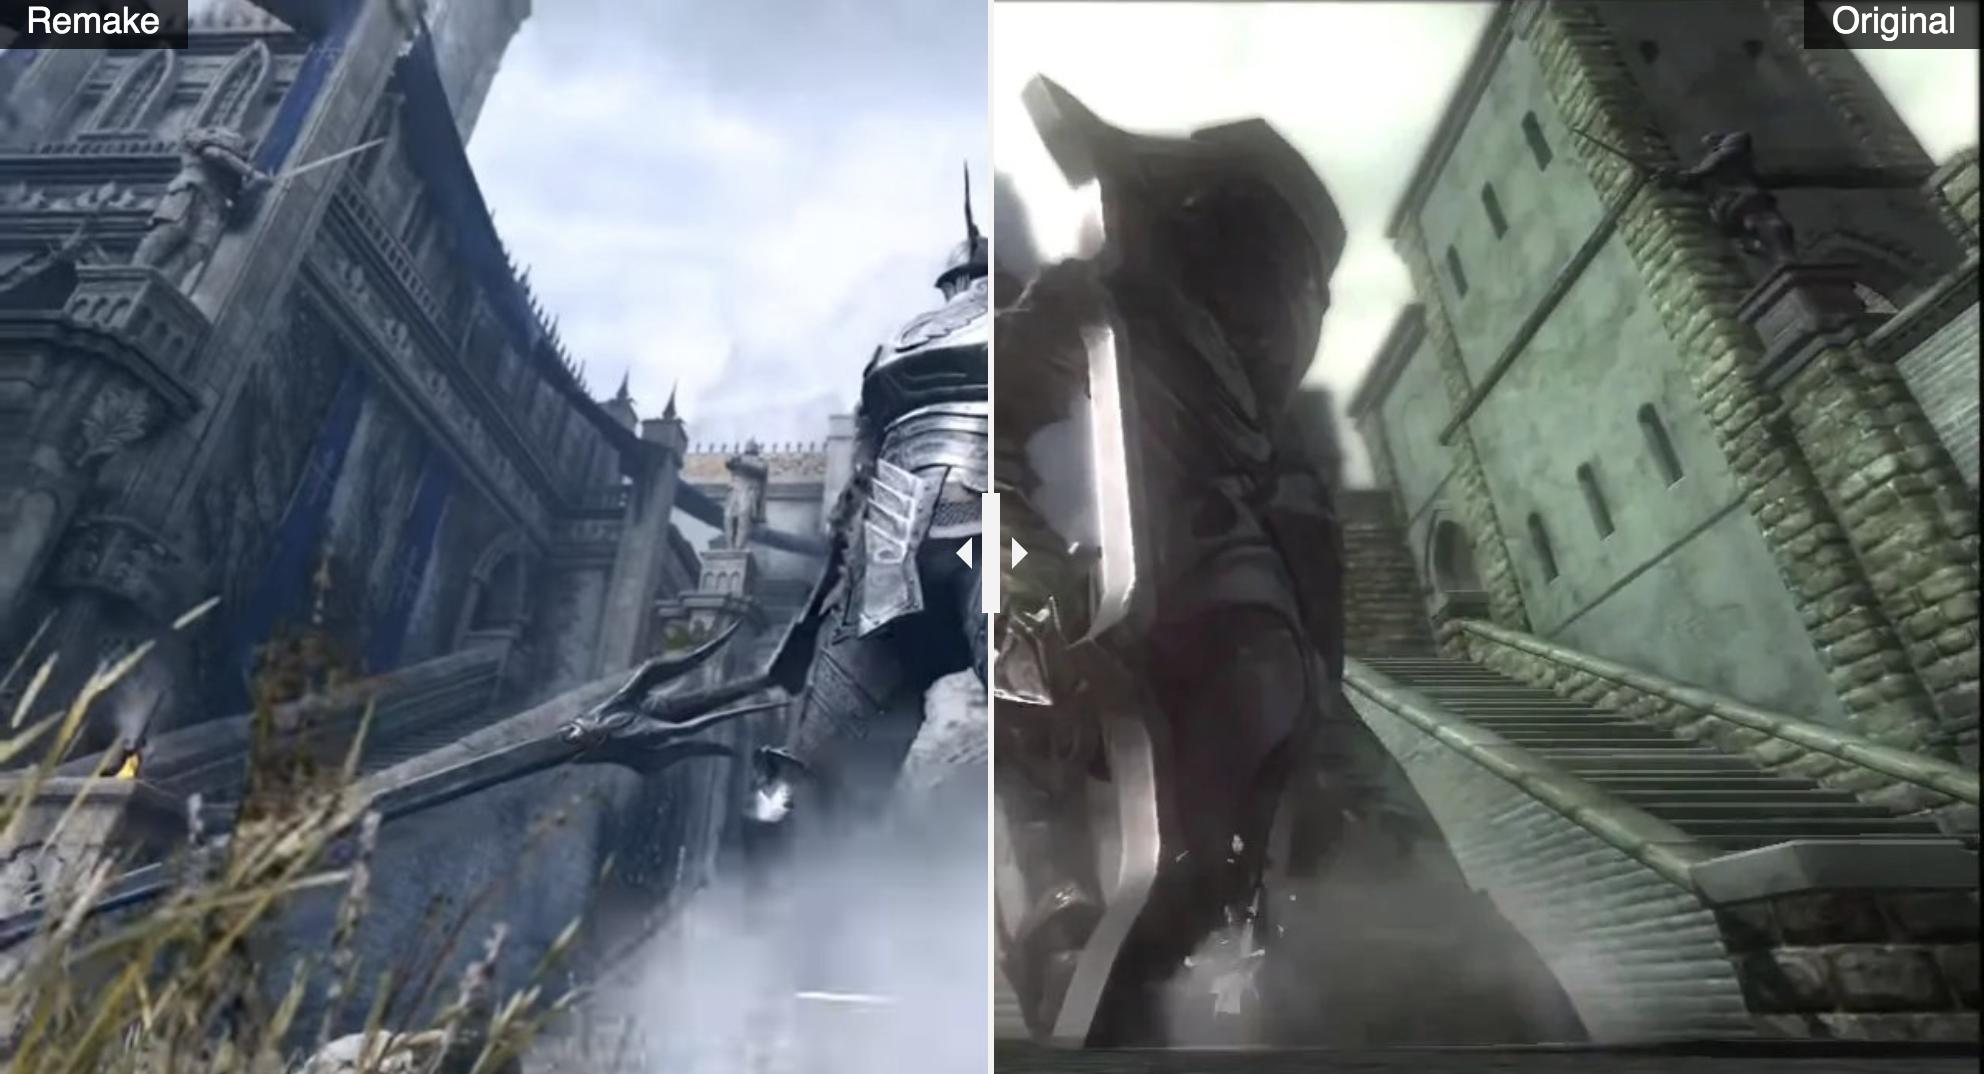 demon's souls remake comparison